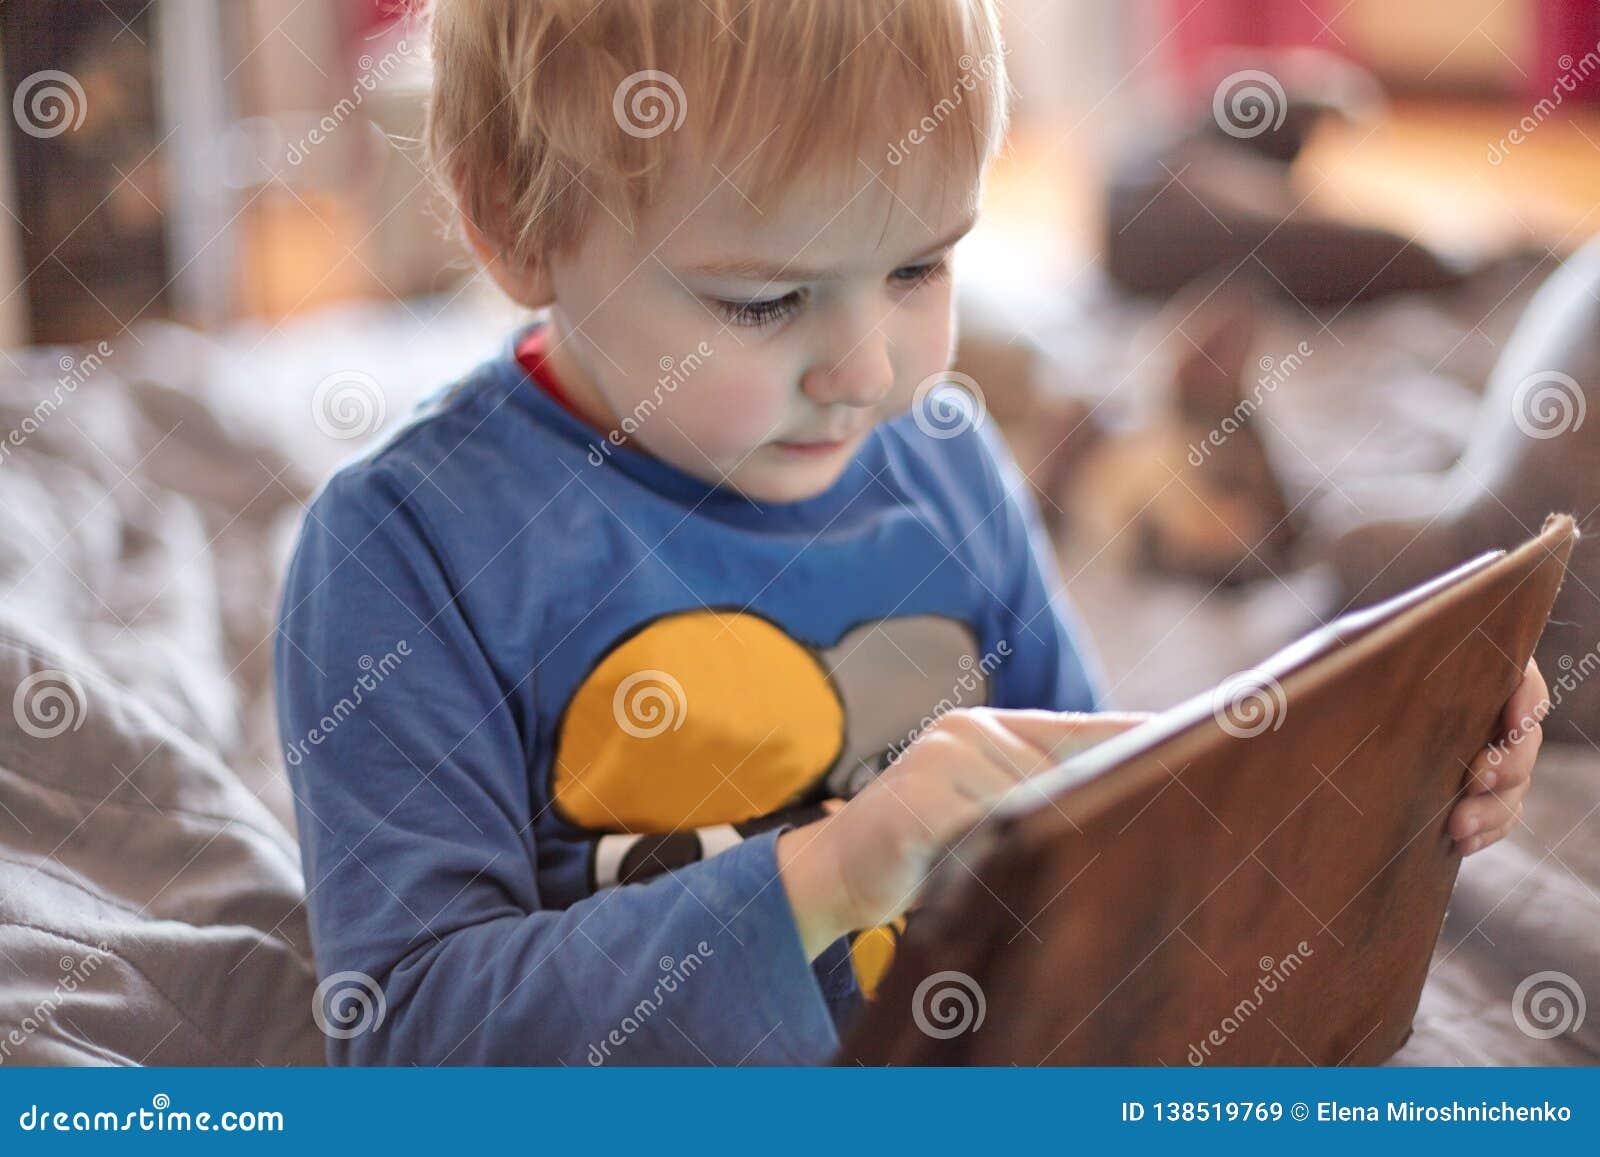 Weinig Kaukasische babyjongen zit op de bank gebruikend een tablet, wat betreft het scherm Rood haar, vrijetijdskleding, binnen,